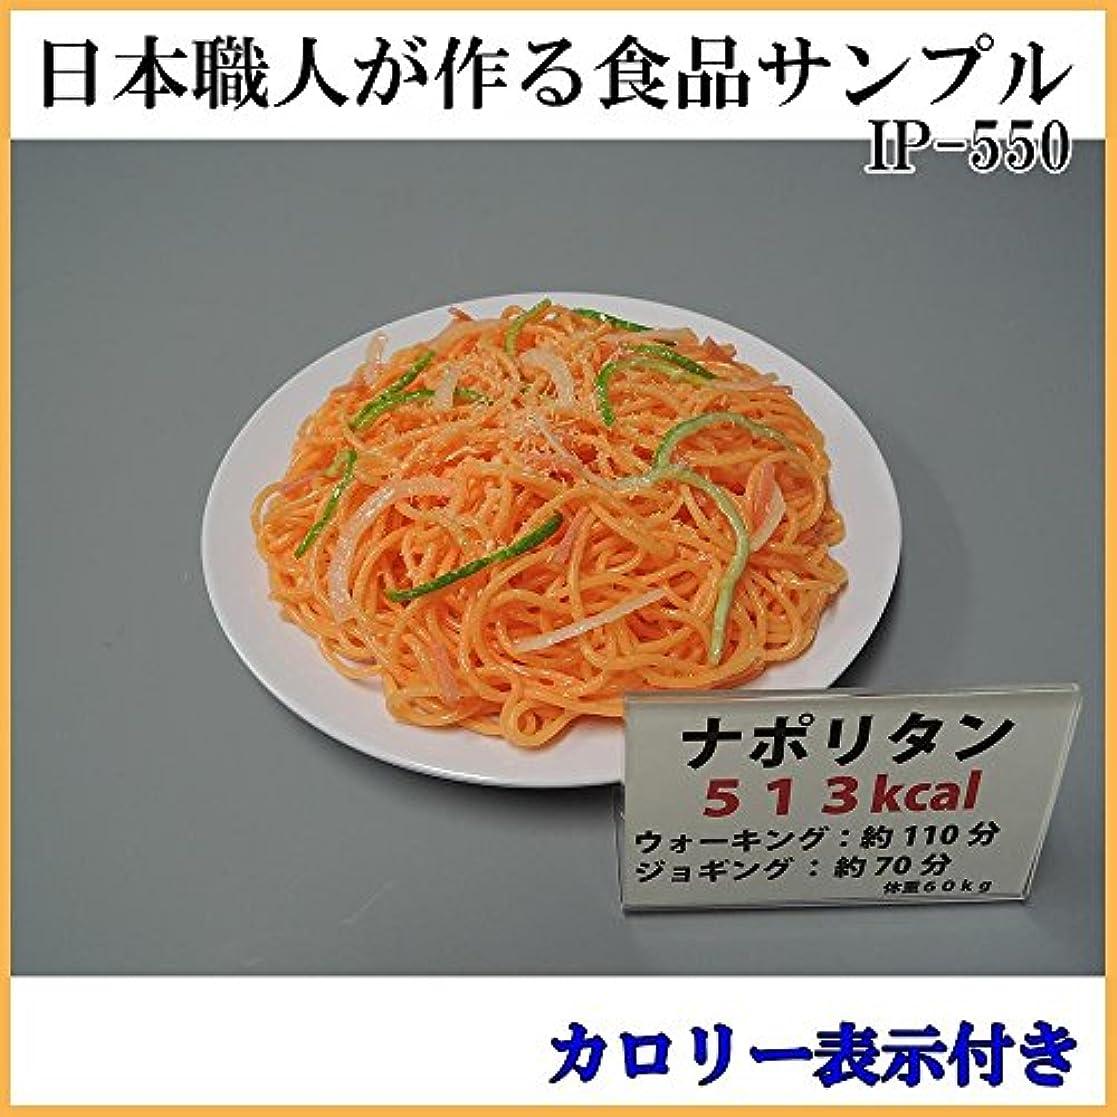 抵抗力があるトラップ宇宙の日本職人が作る 食品サンプル カロリー表示付き ナポリタン IP-550